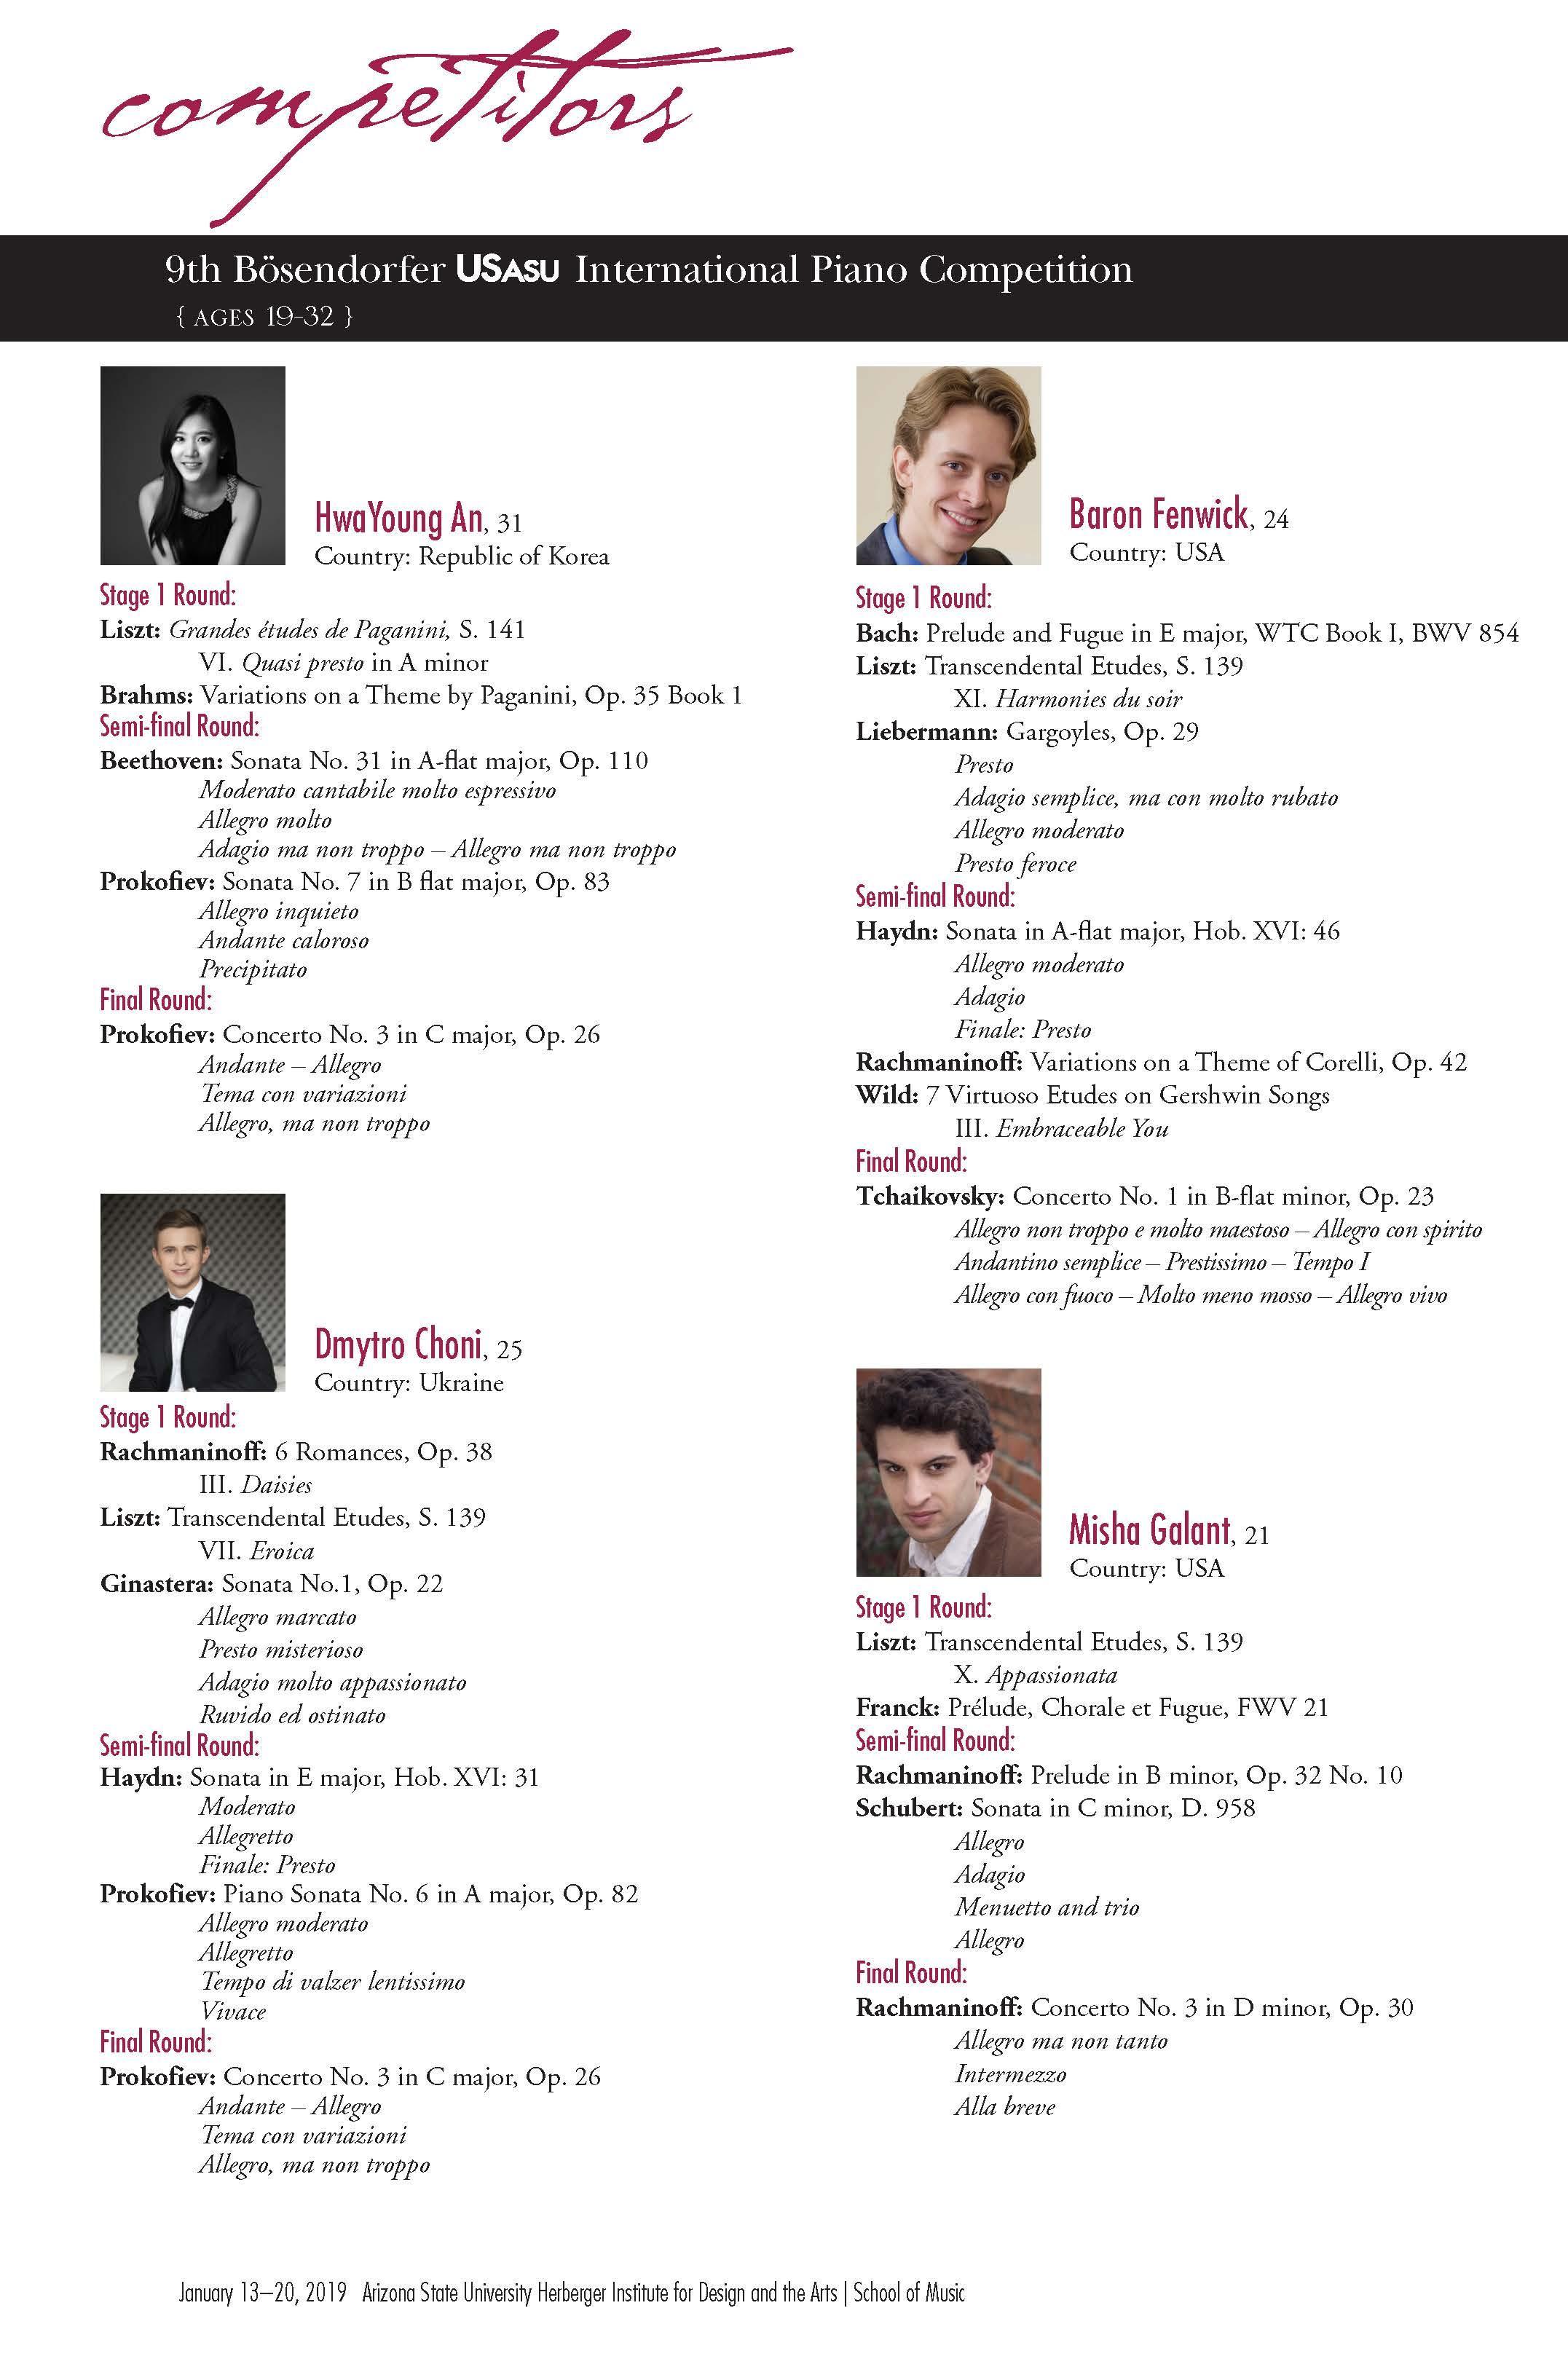 School of Music | Bösendorfer and Yamaha USASU International